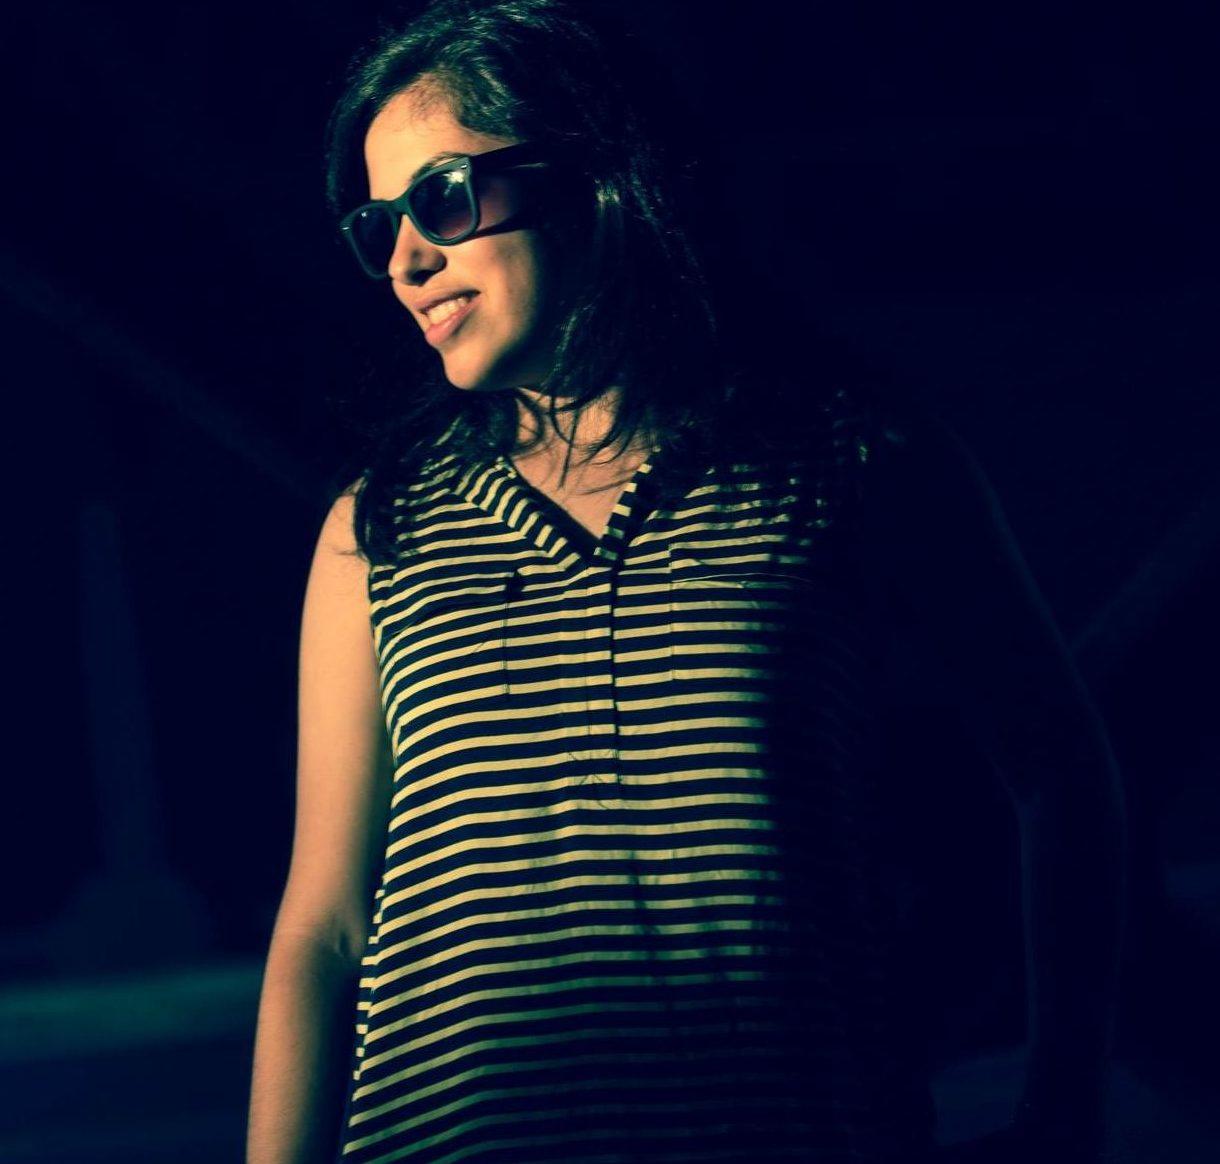 Nataly Briones